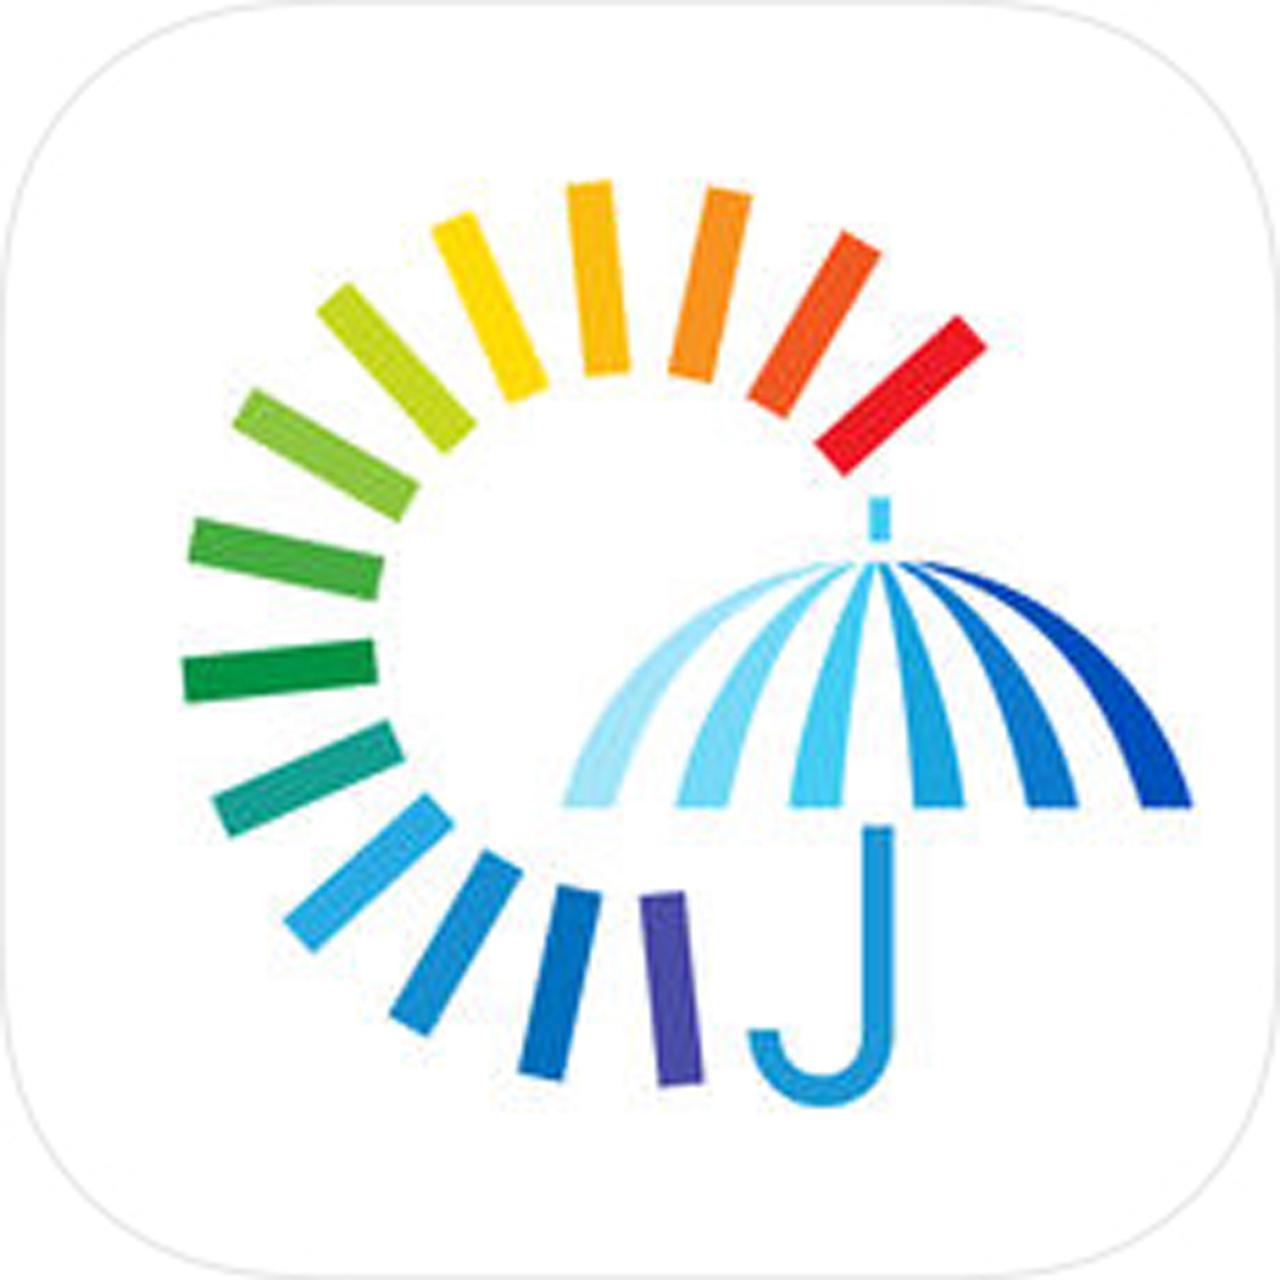 画像5: 豪雨情報、台風情報を事前に収集したいなら、このアプリ!  人気の気象アプリ5種をチェック!